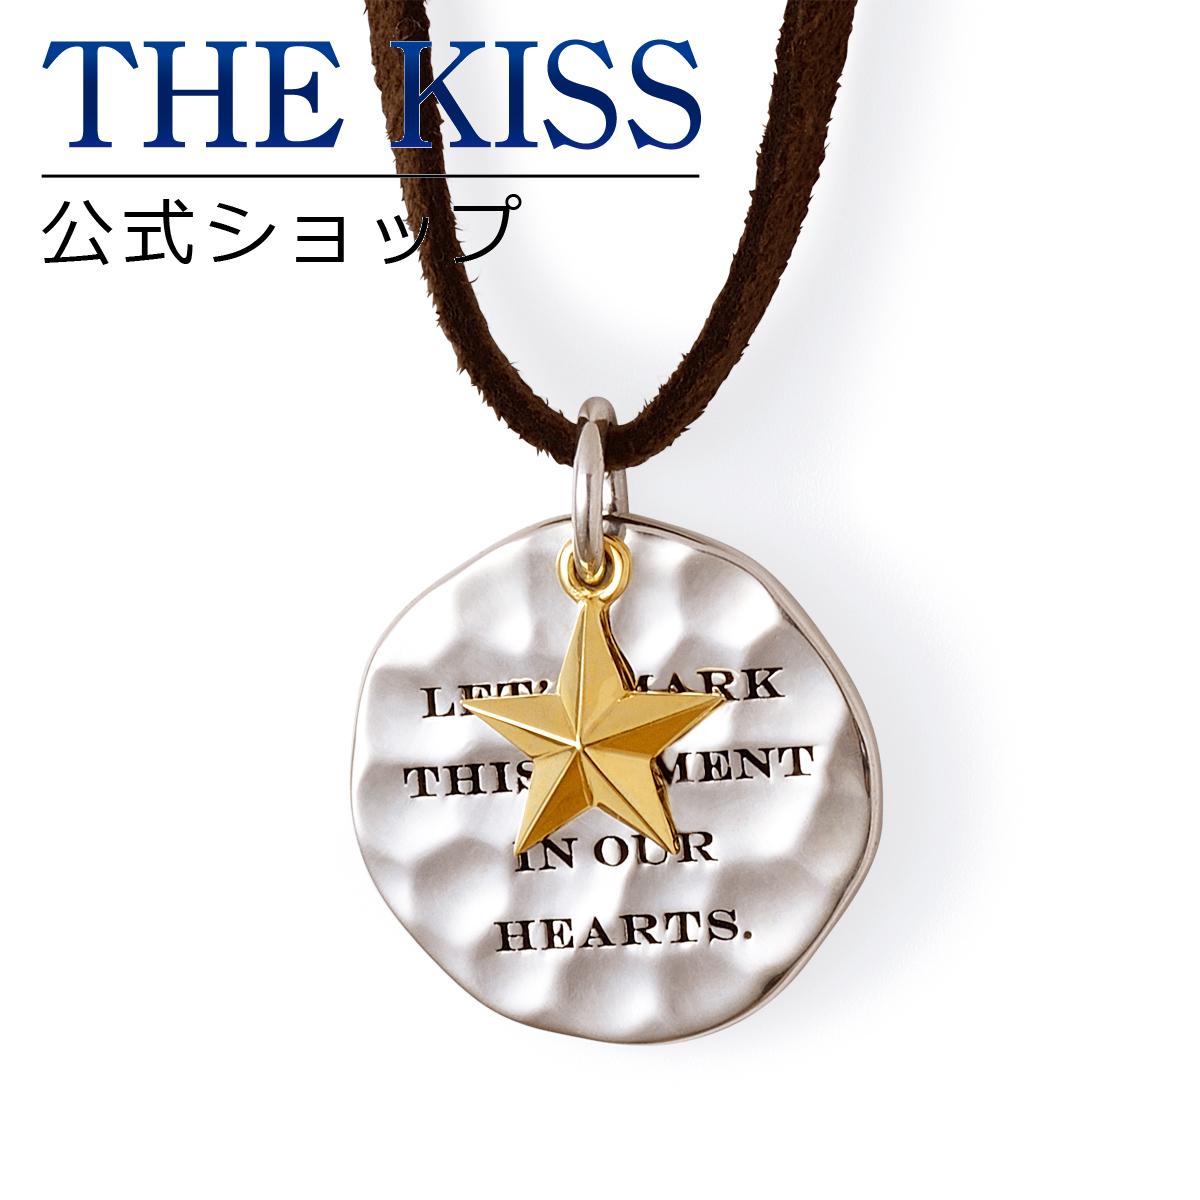 【あす楽対応】【送料無料】 TVアニメ「orange」 須和 弘人 シルバーネックレス ☆ THE KISS シルバー ネックレス 首飾り ブランド SILVER Necklace